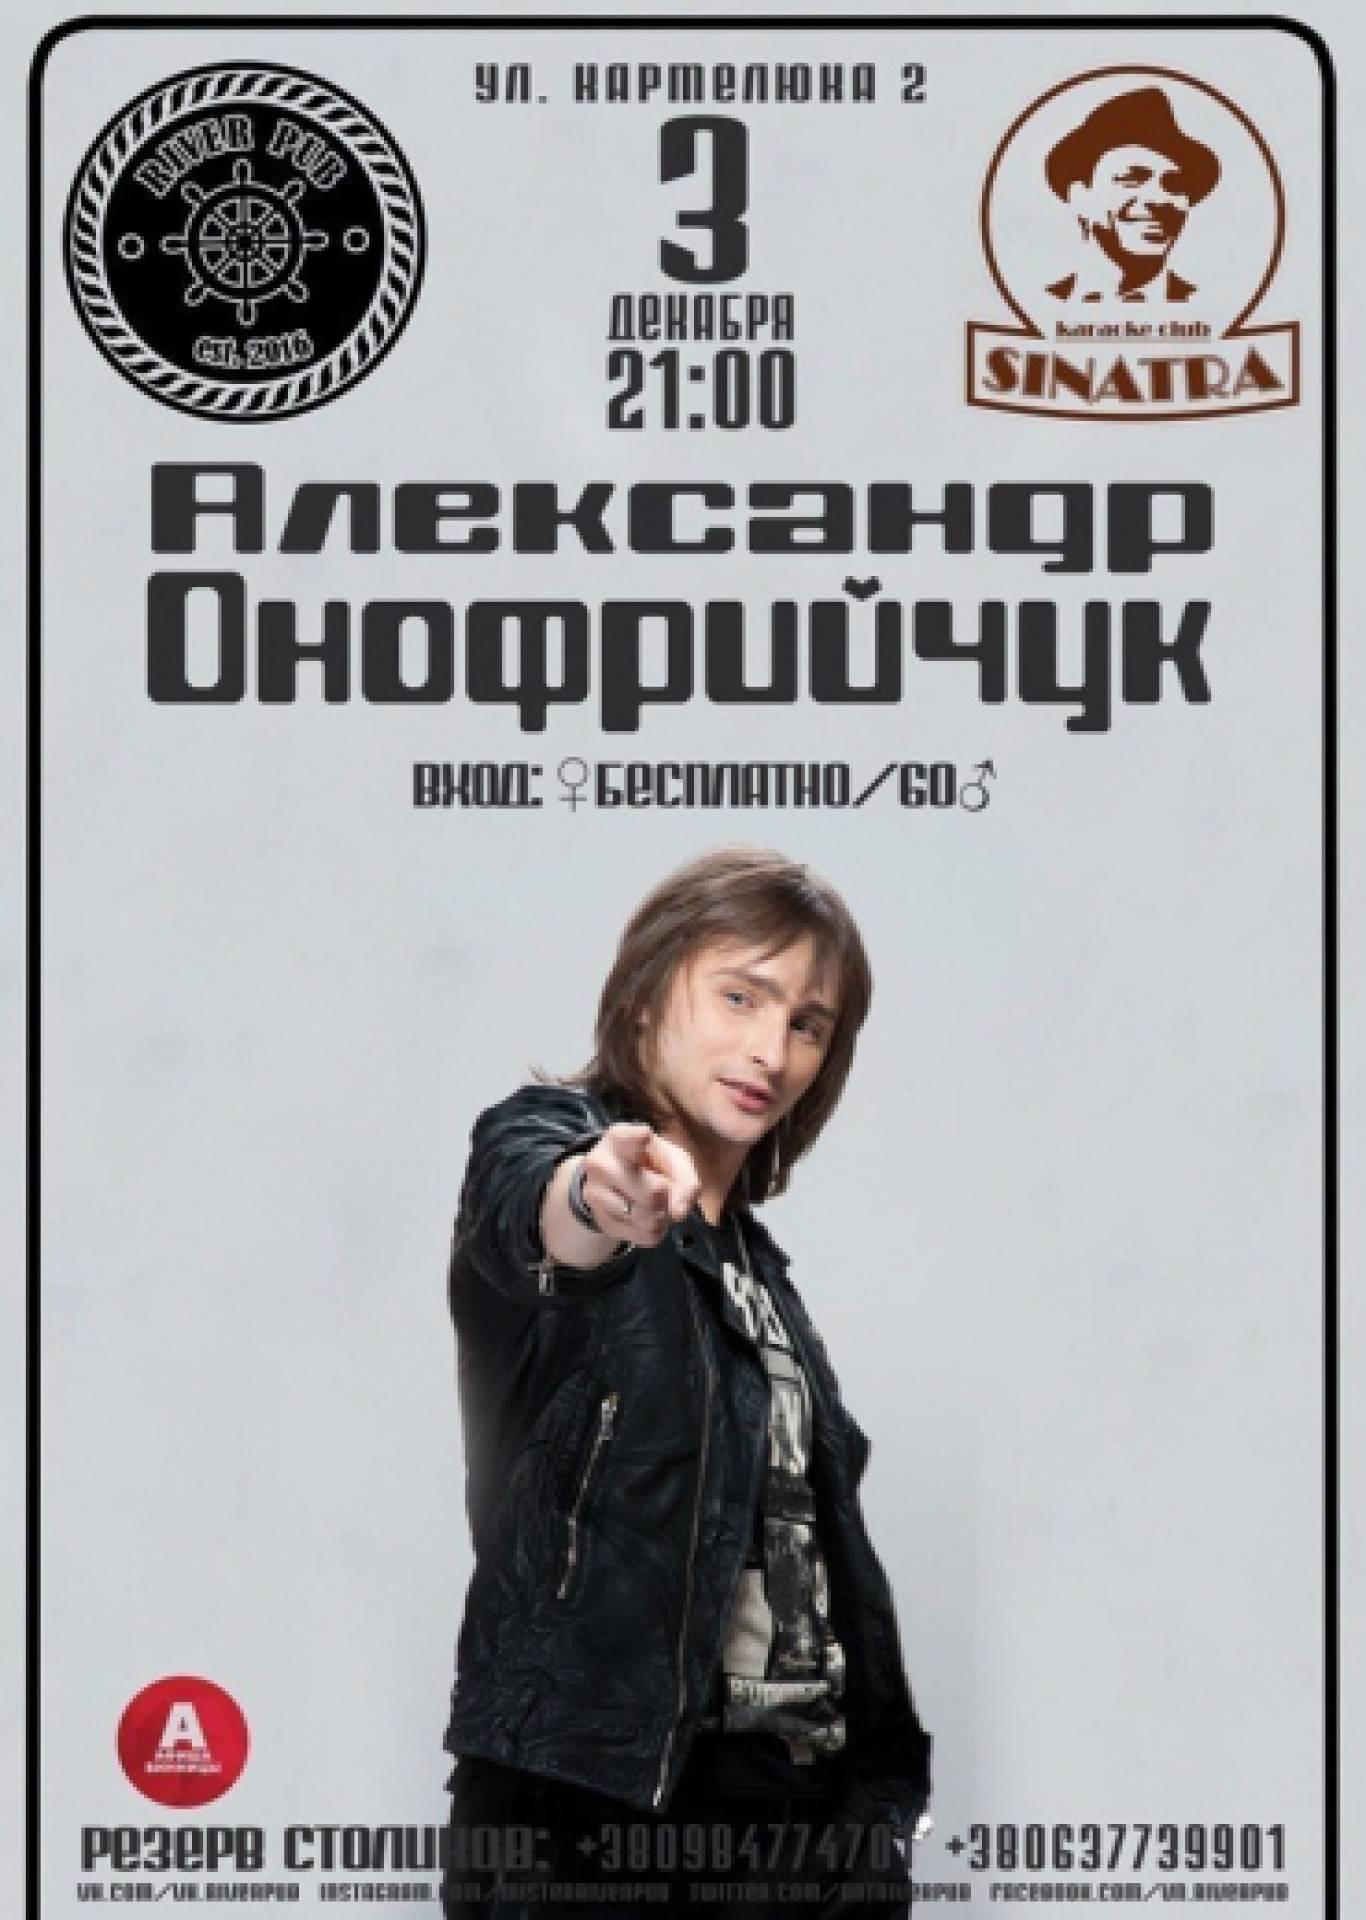 Концерт Олександра Онофрійчука